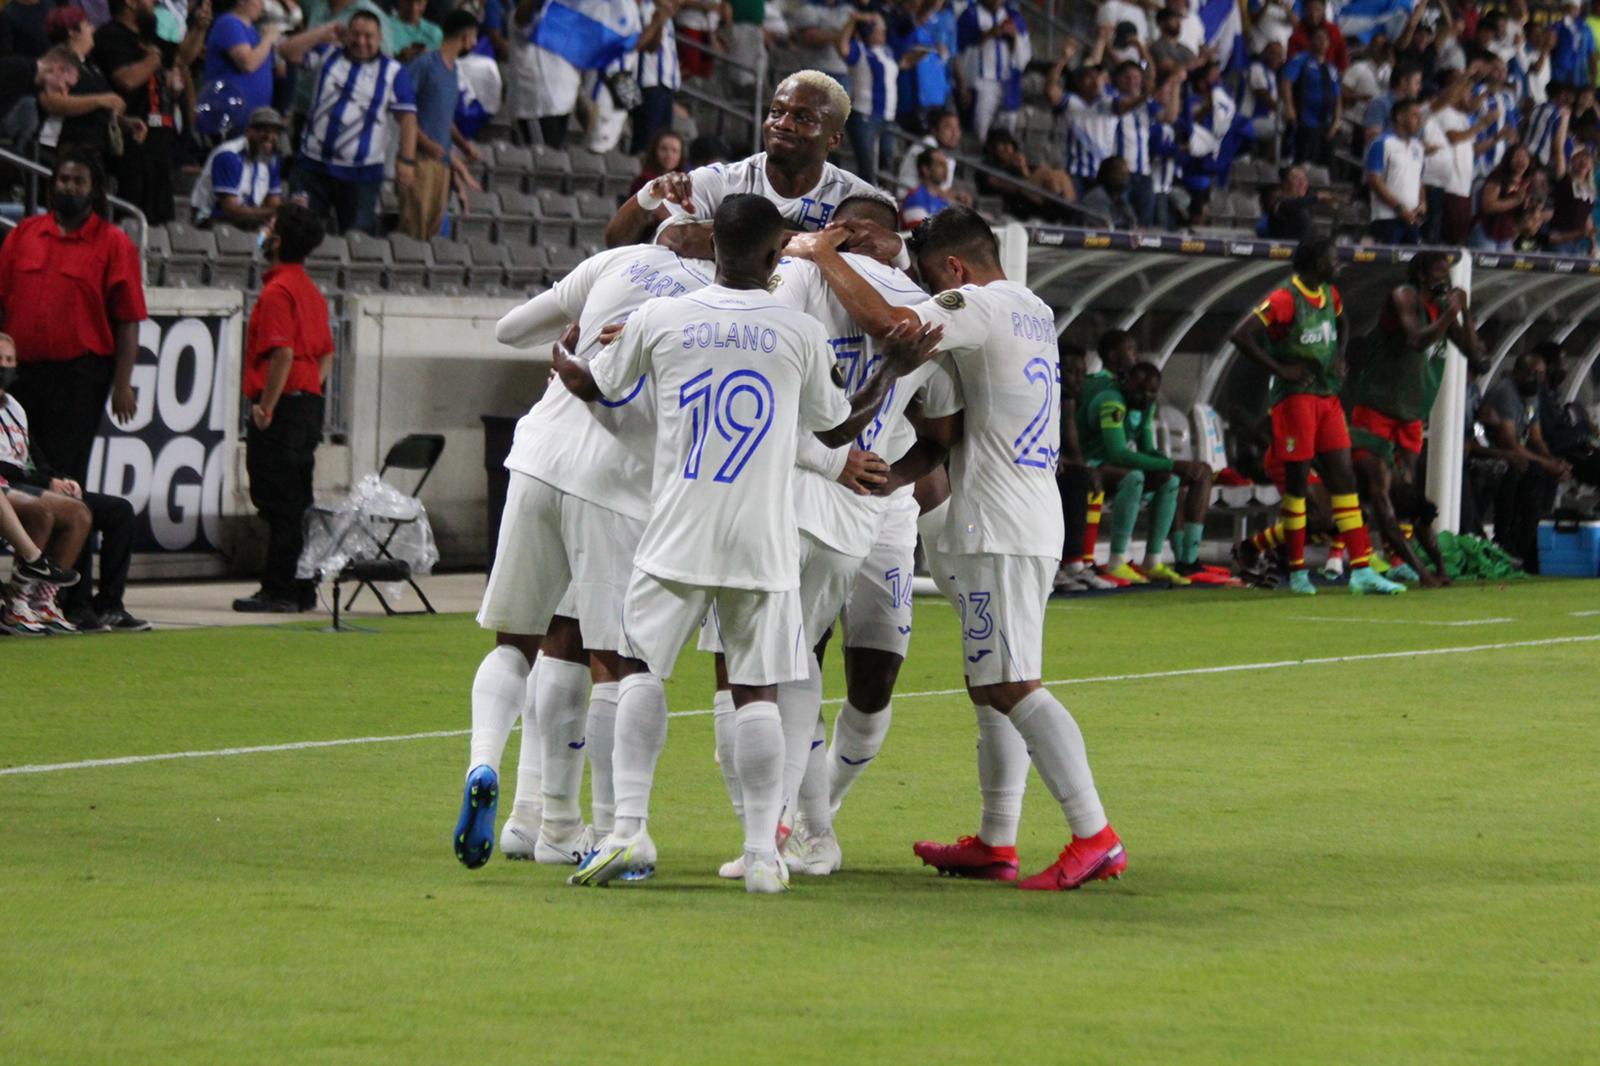 Fecha, hora y canal para ver en vivo el partido Honduras vs Panamá, Copa Oro 2021